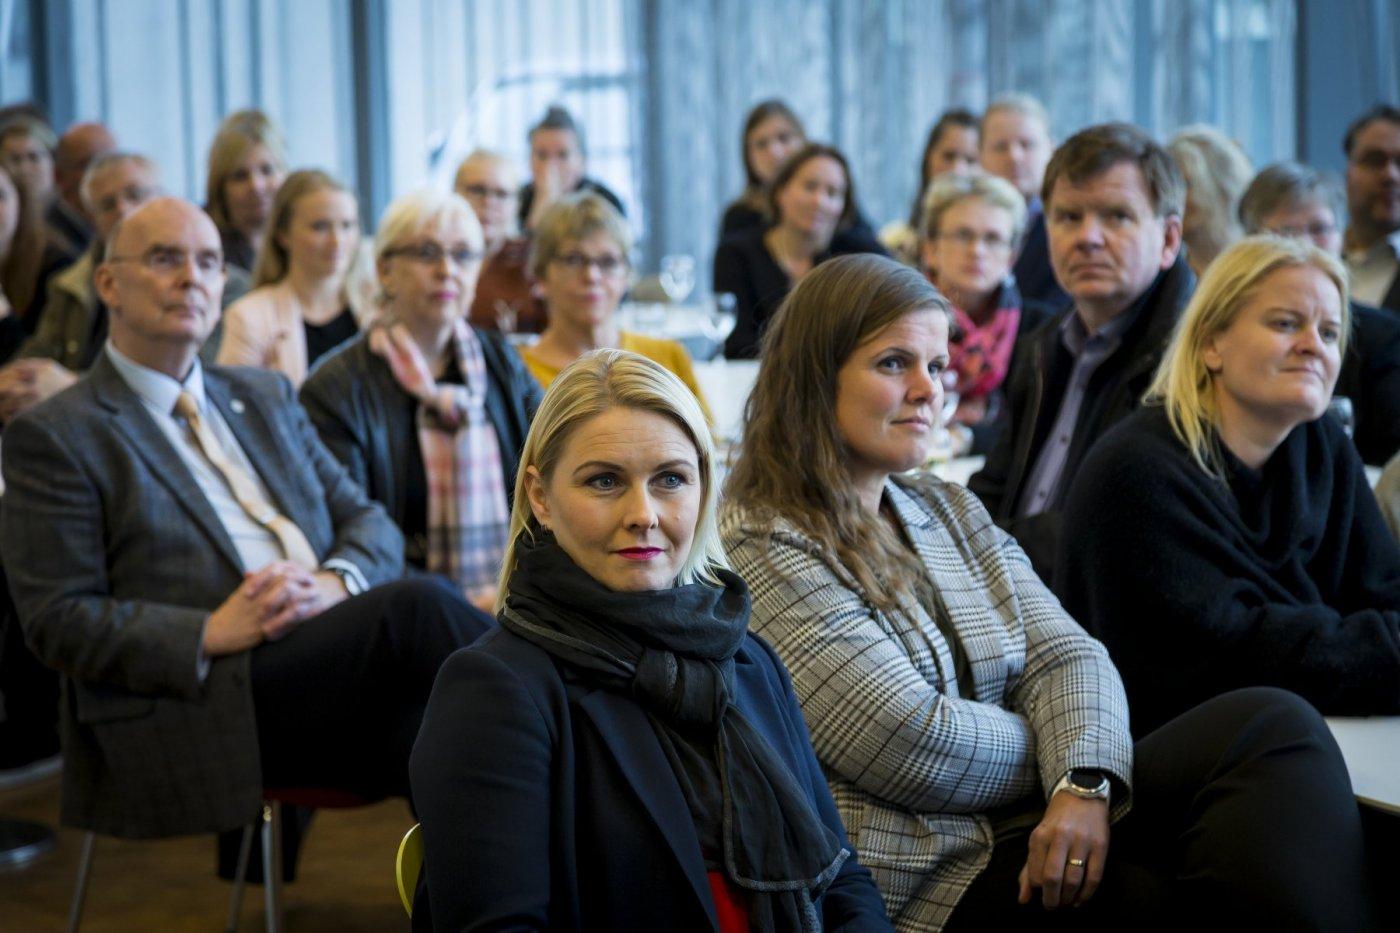 Gestir á hátíðardagskrá